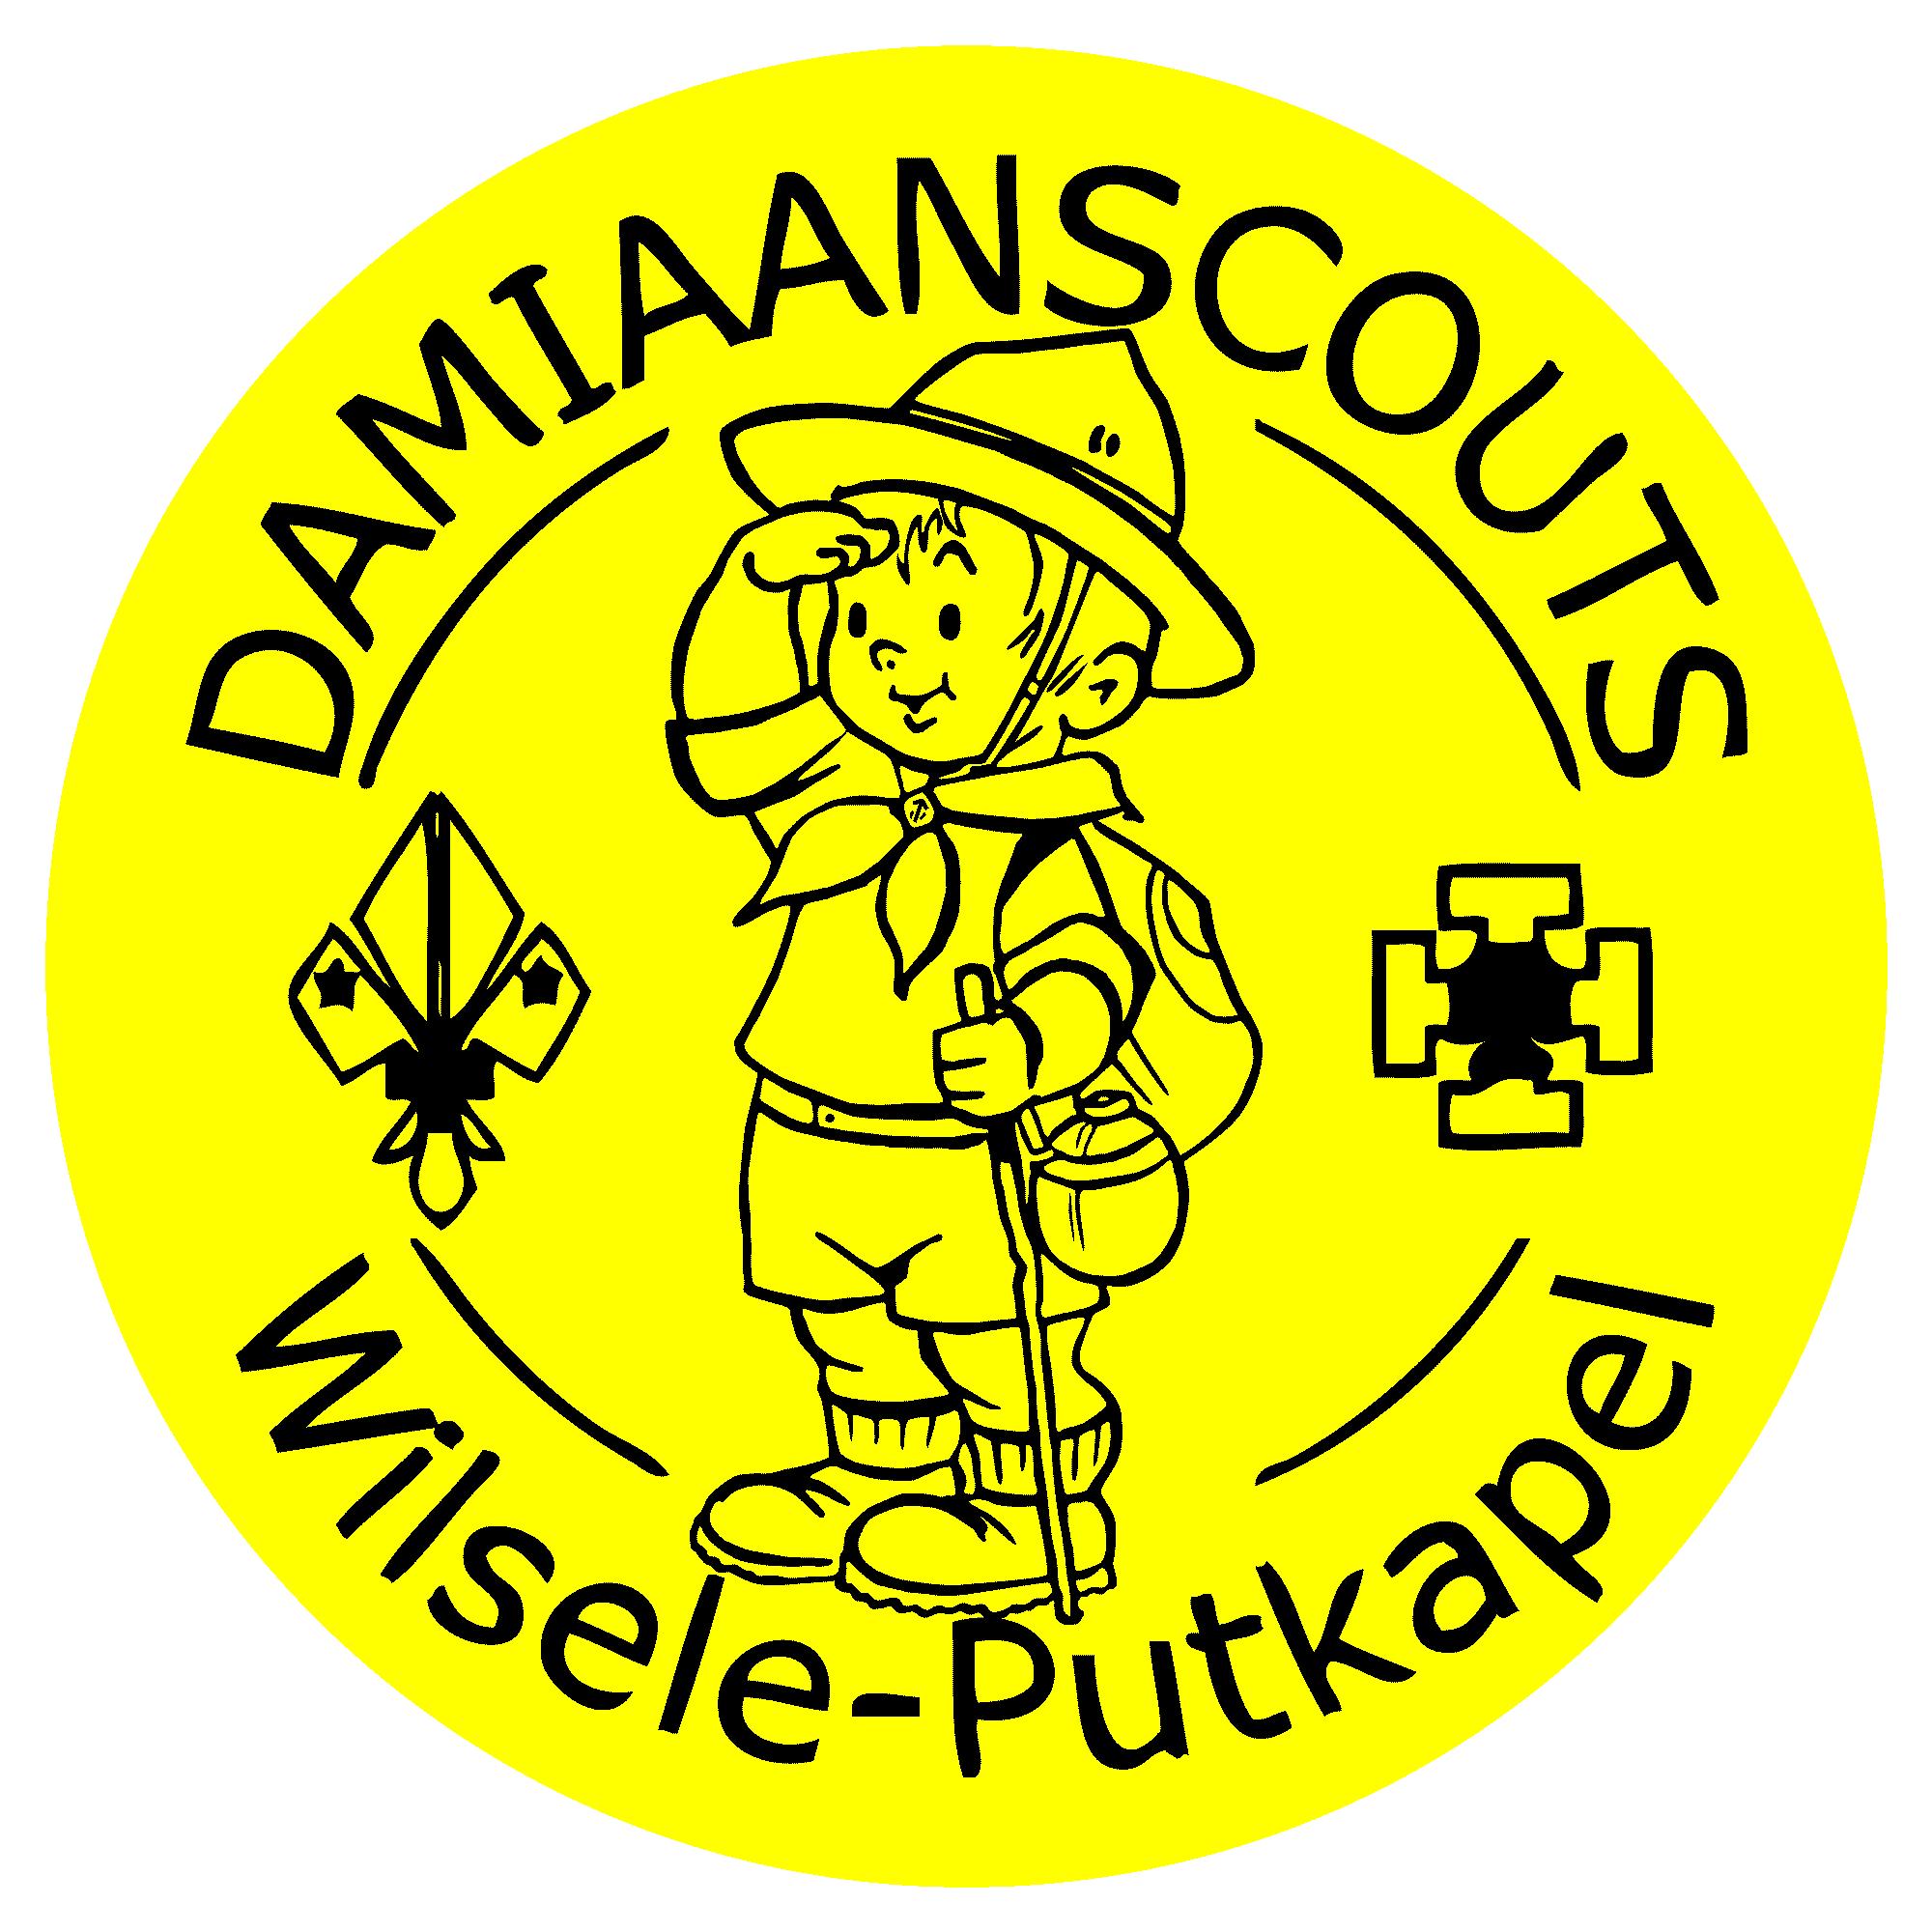 Damiaanscouts Wilsele-Putkapel